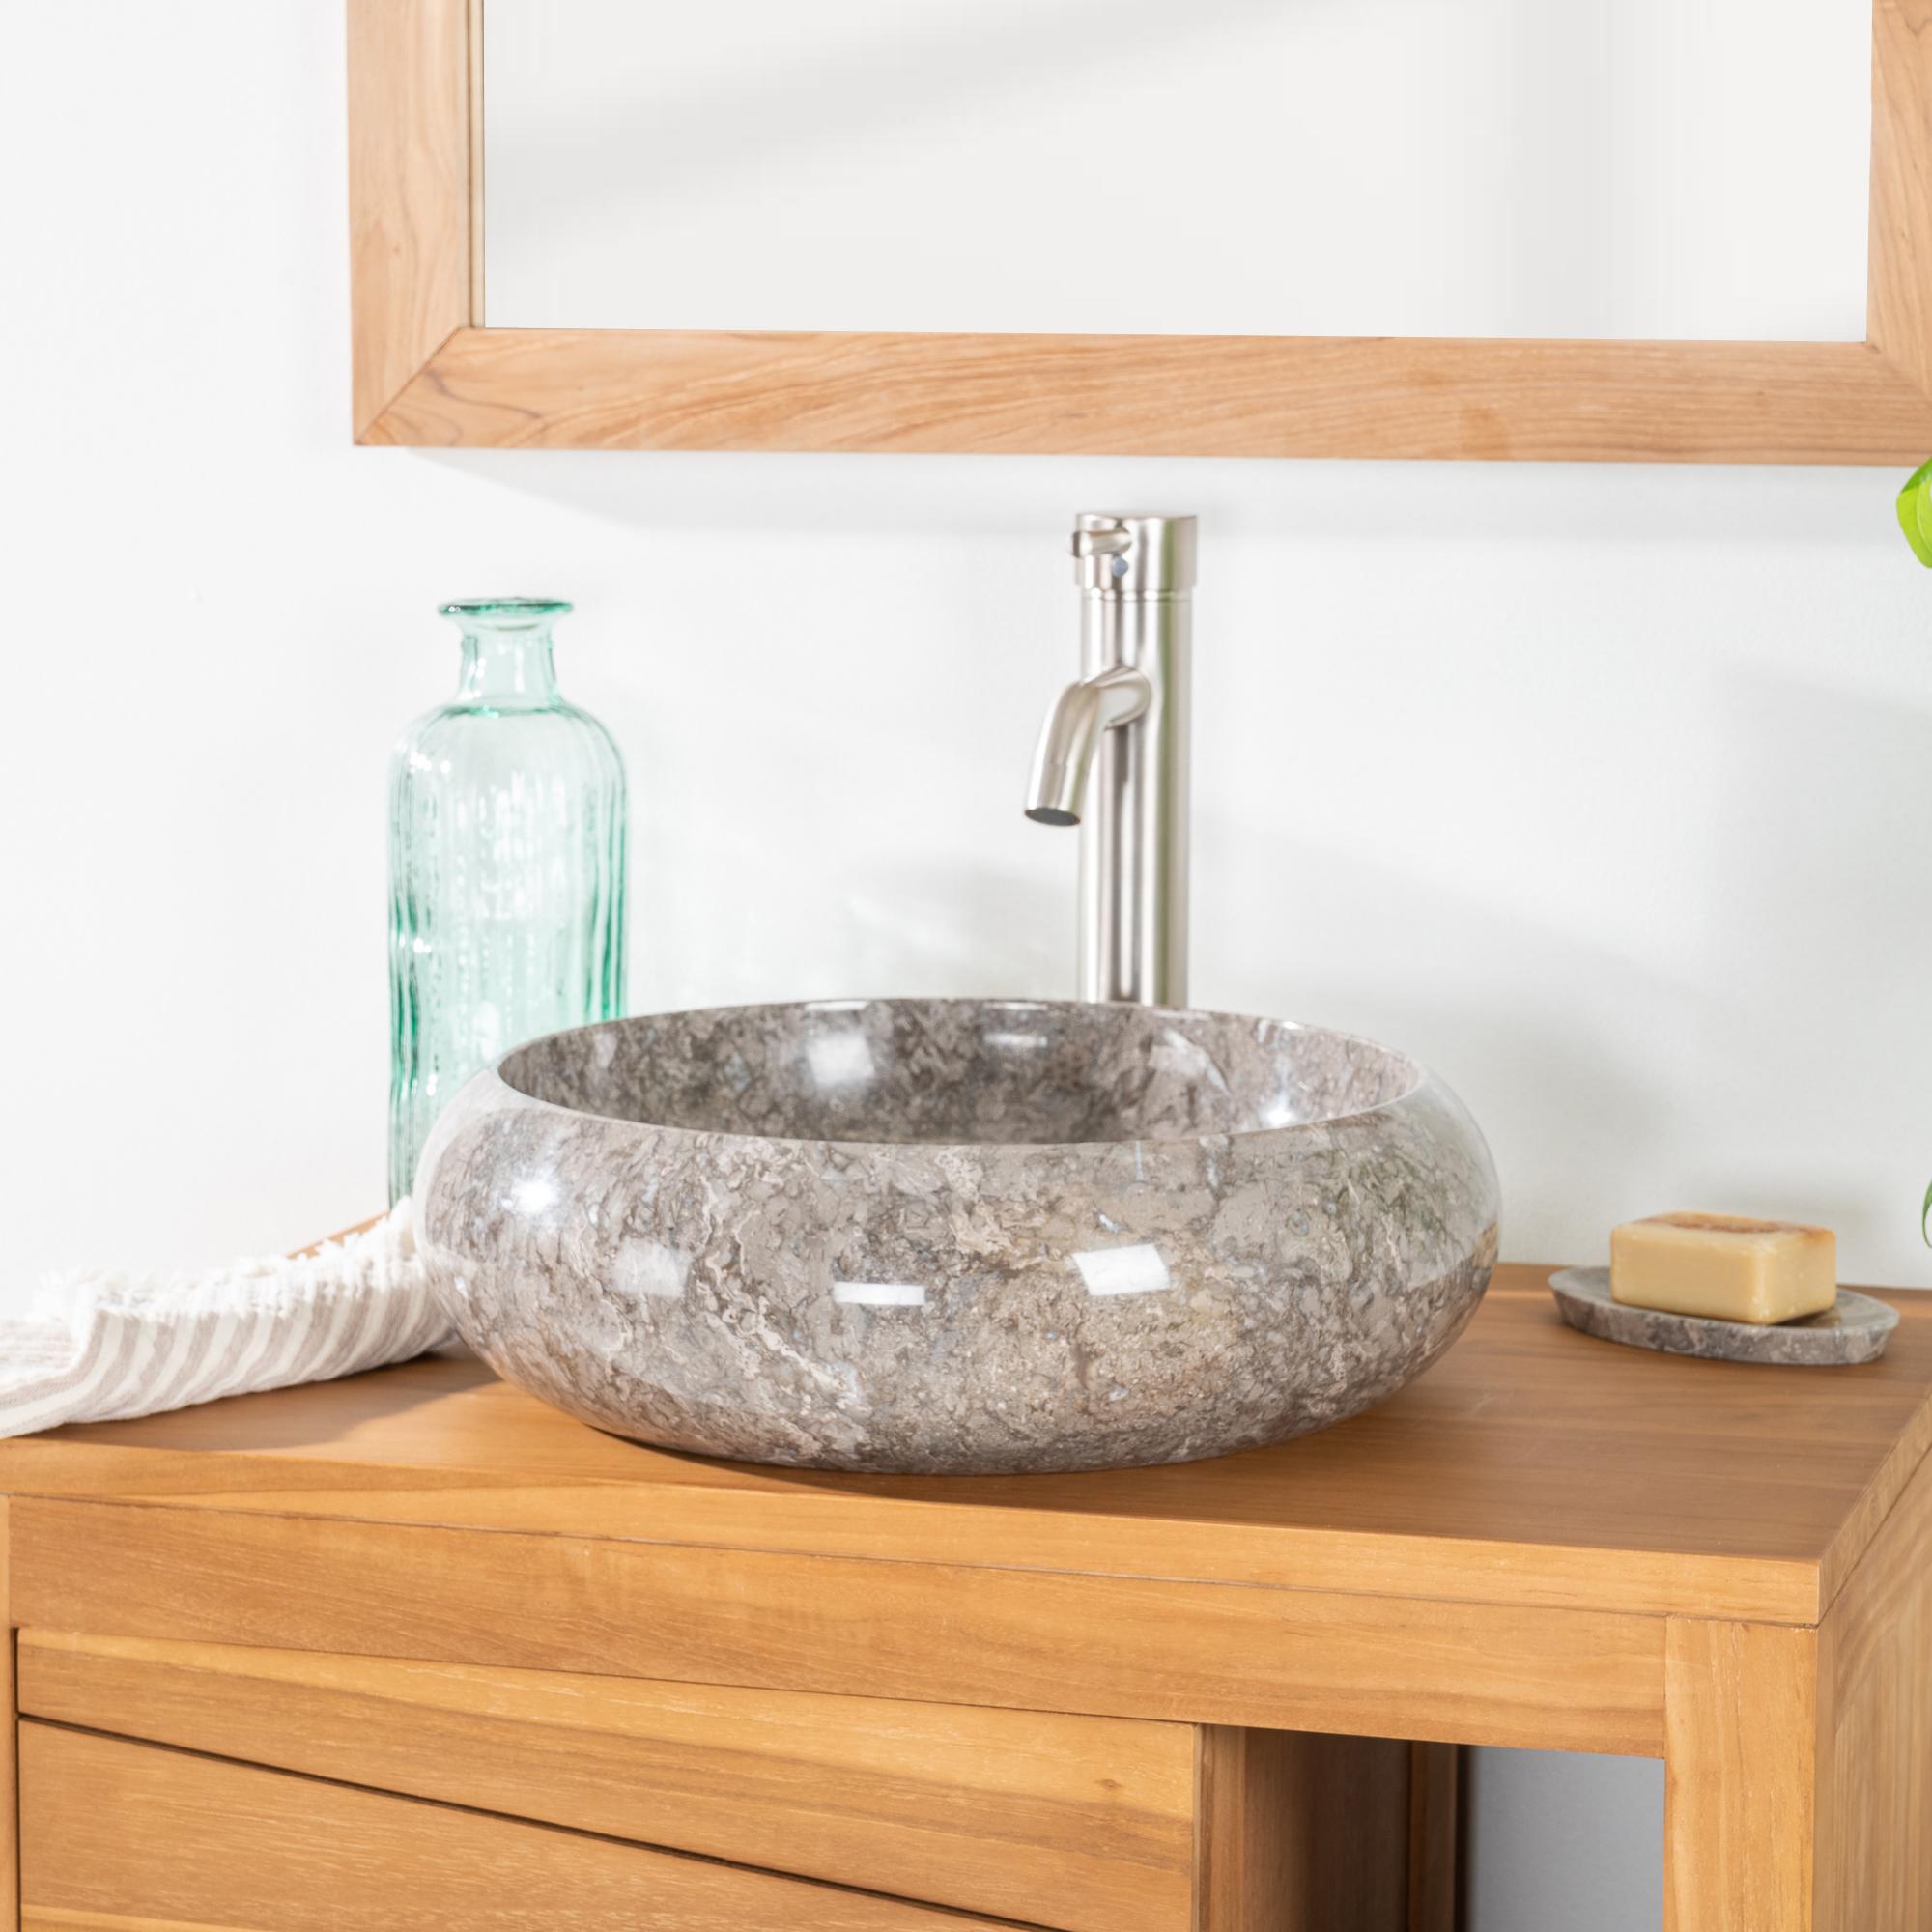 Vasque poser en marbre venise ronde grise taupe d 40 cm - Vasque a poser salle de bain ...